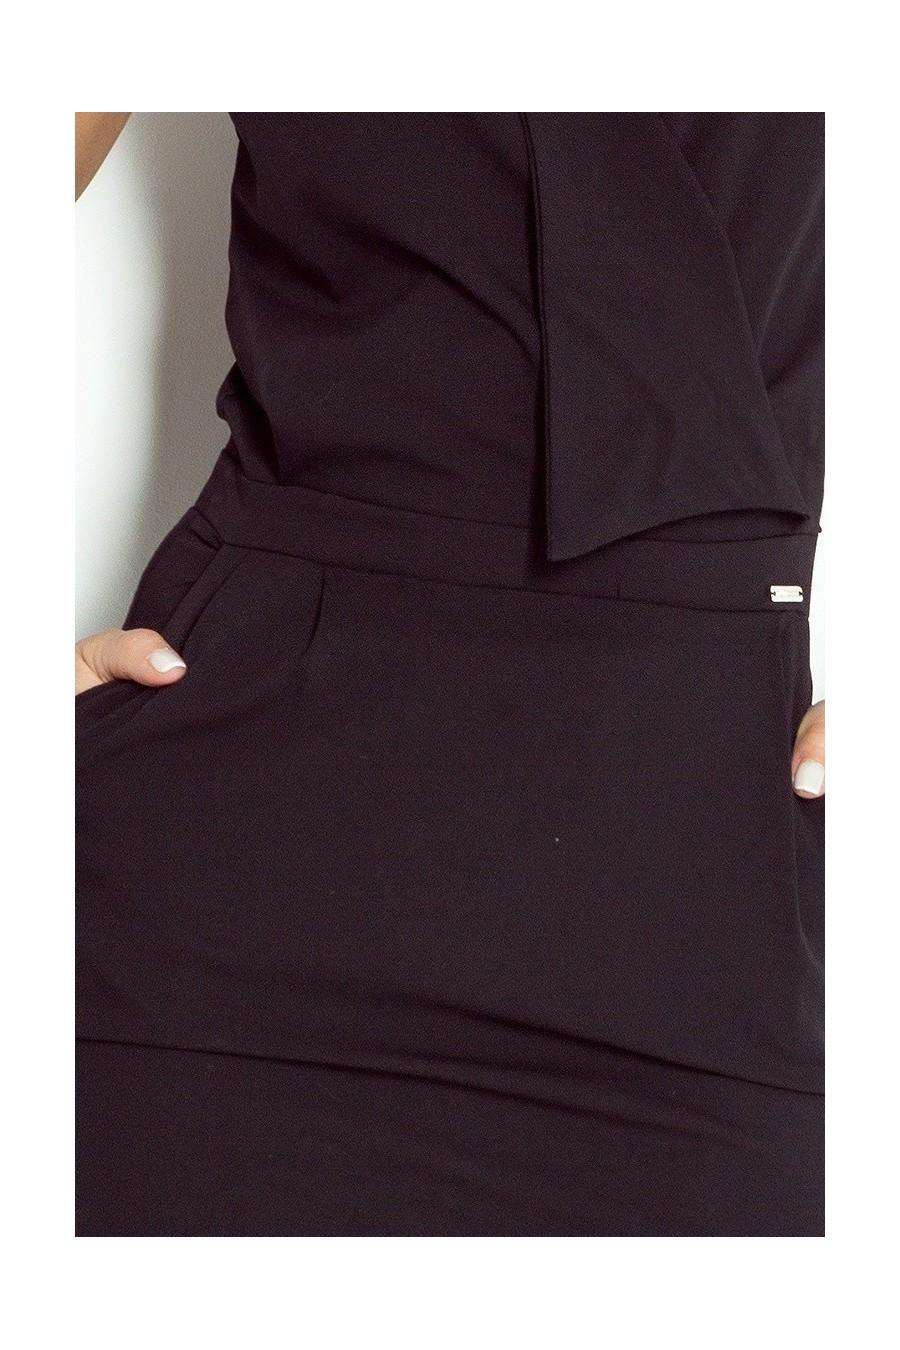 Šaty předpokládat, výstřih - cerná 94-4